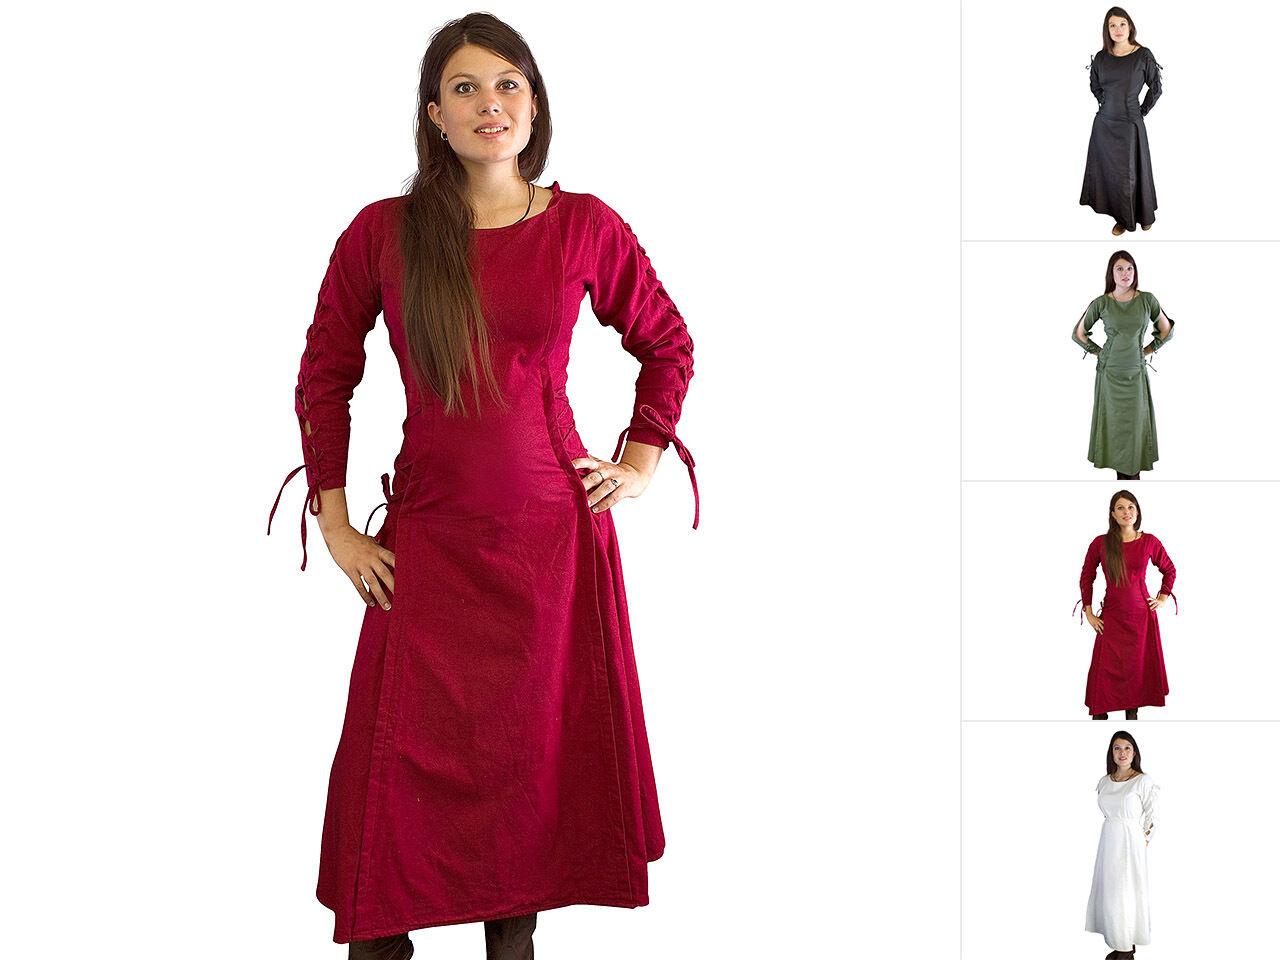 Epic Armoury Priesterin-Kleid Damen MIttelalterkleid Mittelalter LARP S-XL  | Sale  | Verkauf Online-Shop  | Sonderangebot  | Große Klassifizierung  | Wir haben von unseren Kunden Lob erhalten.